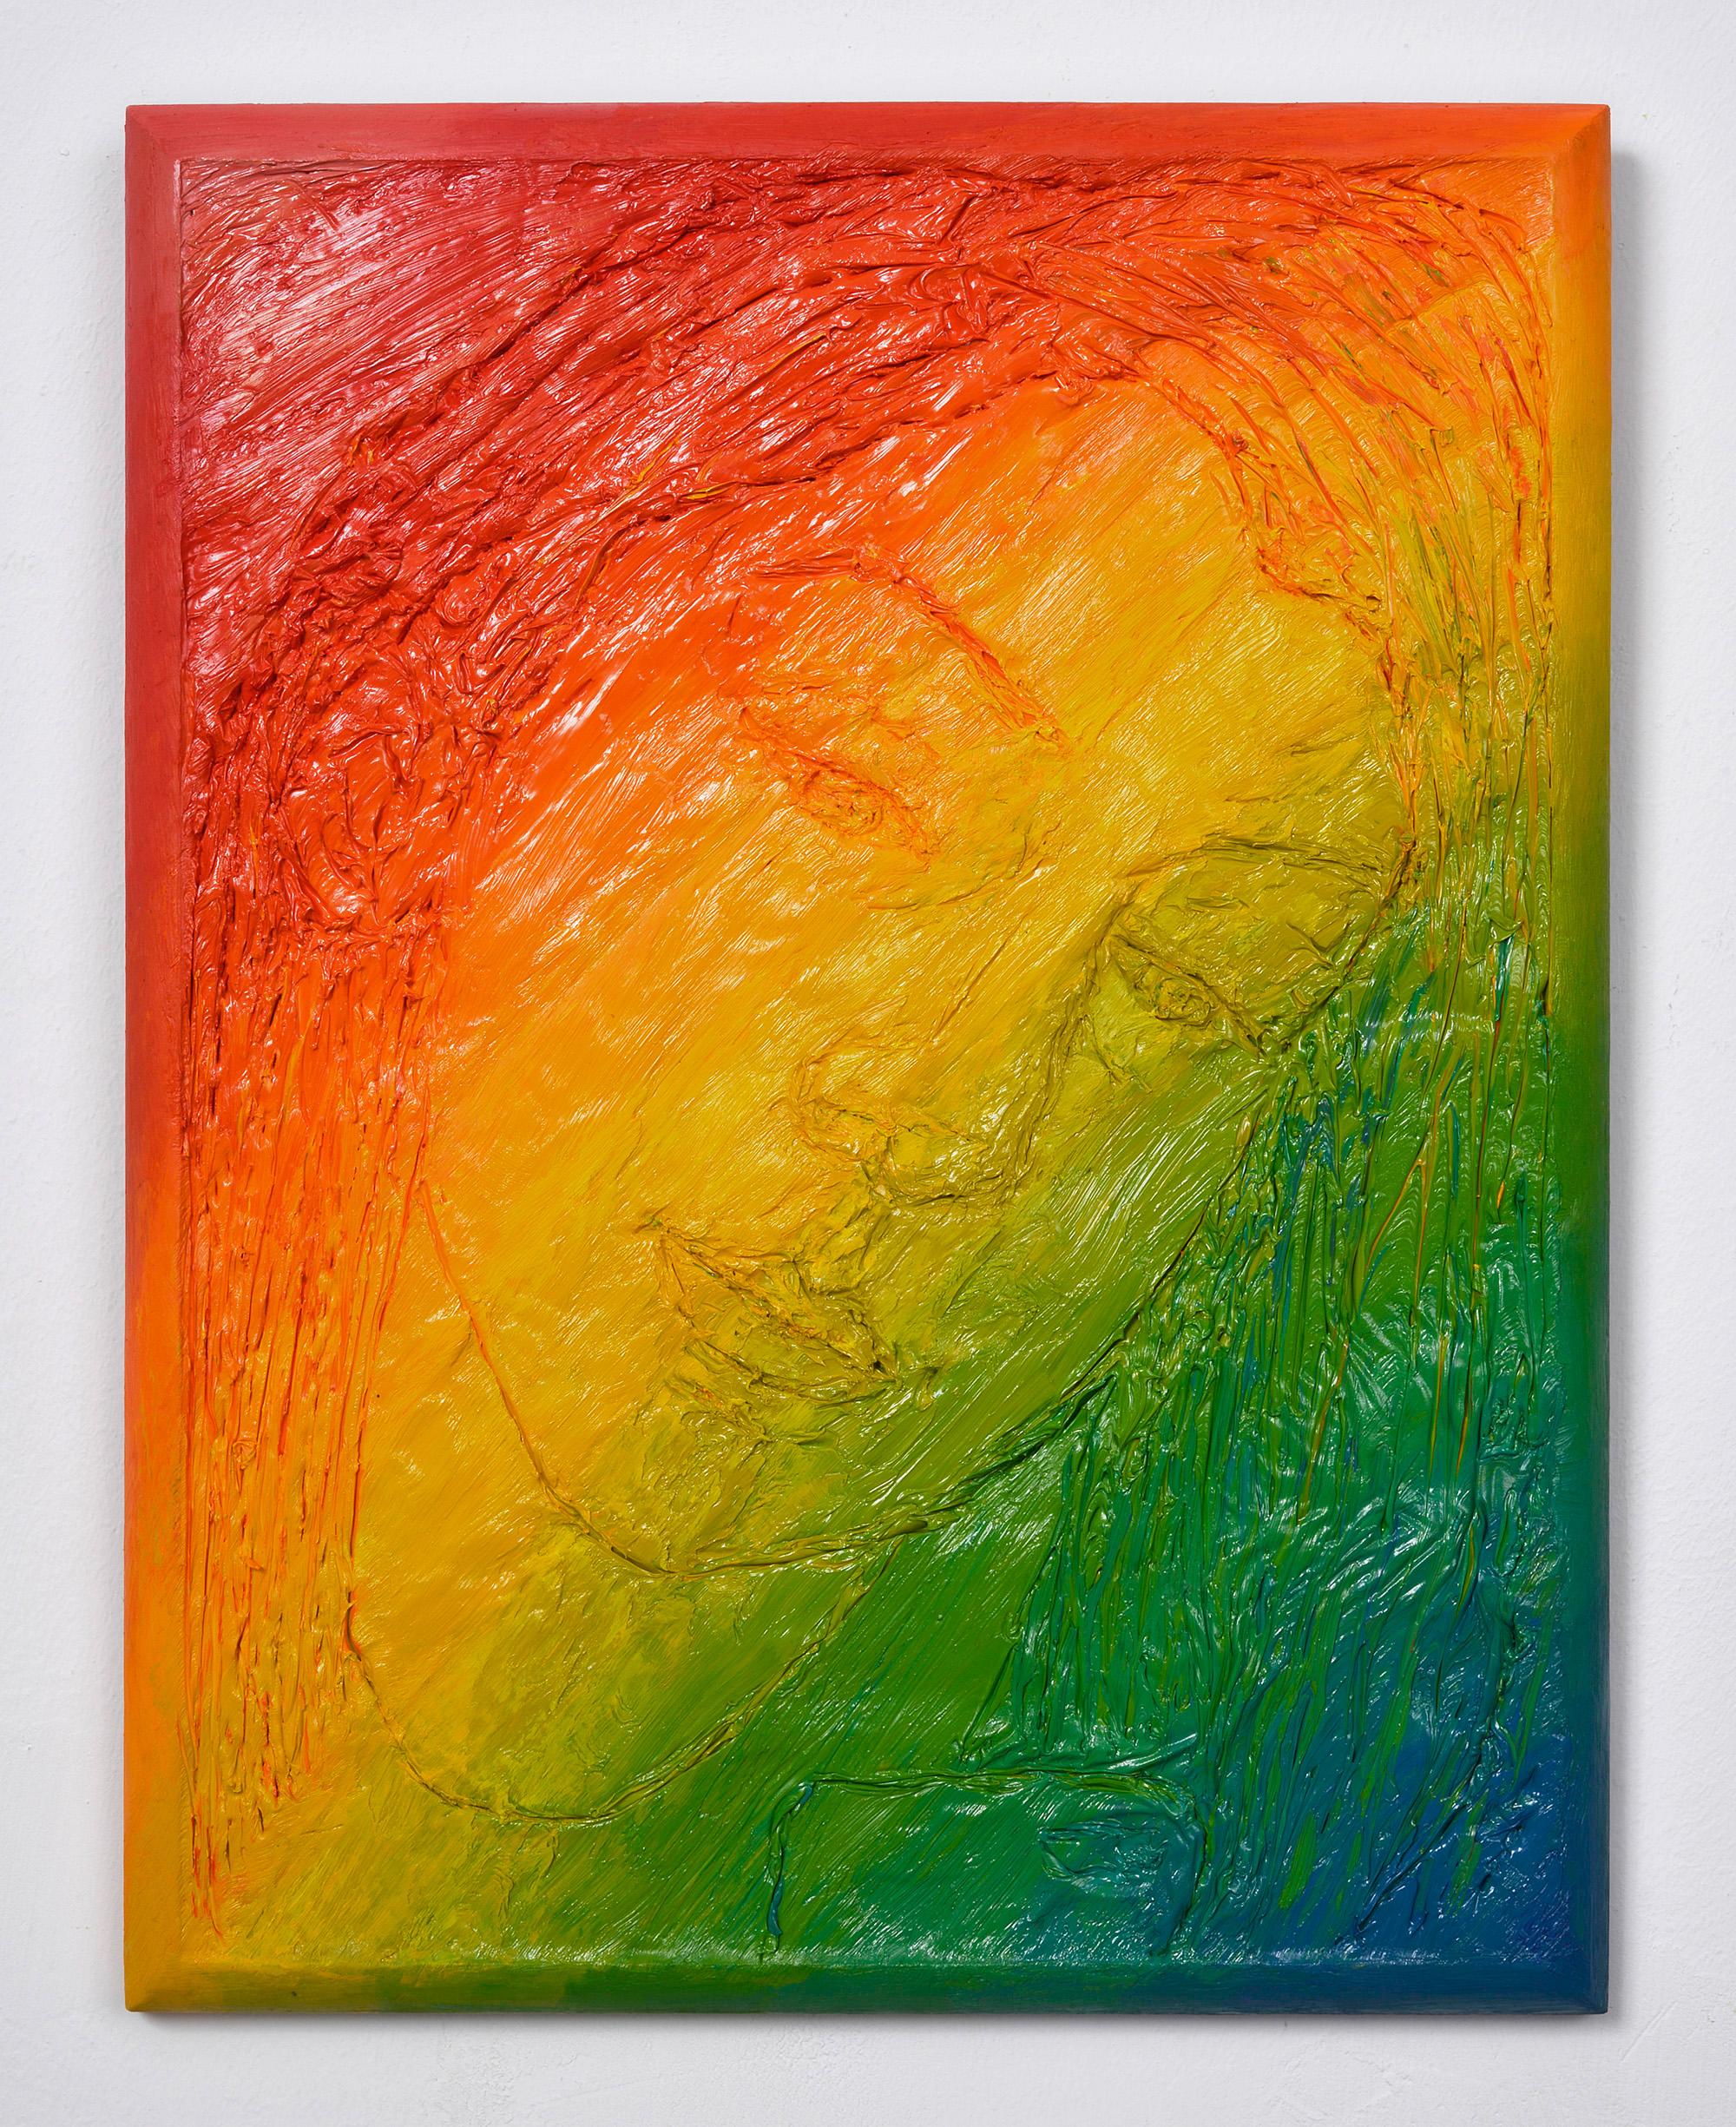 Rainbow selfy, 2015, olej napłótnie lnianym nadesce zręcznie malowaną ramą, 33 x 25,5 x 2,5 cm